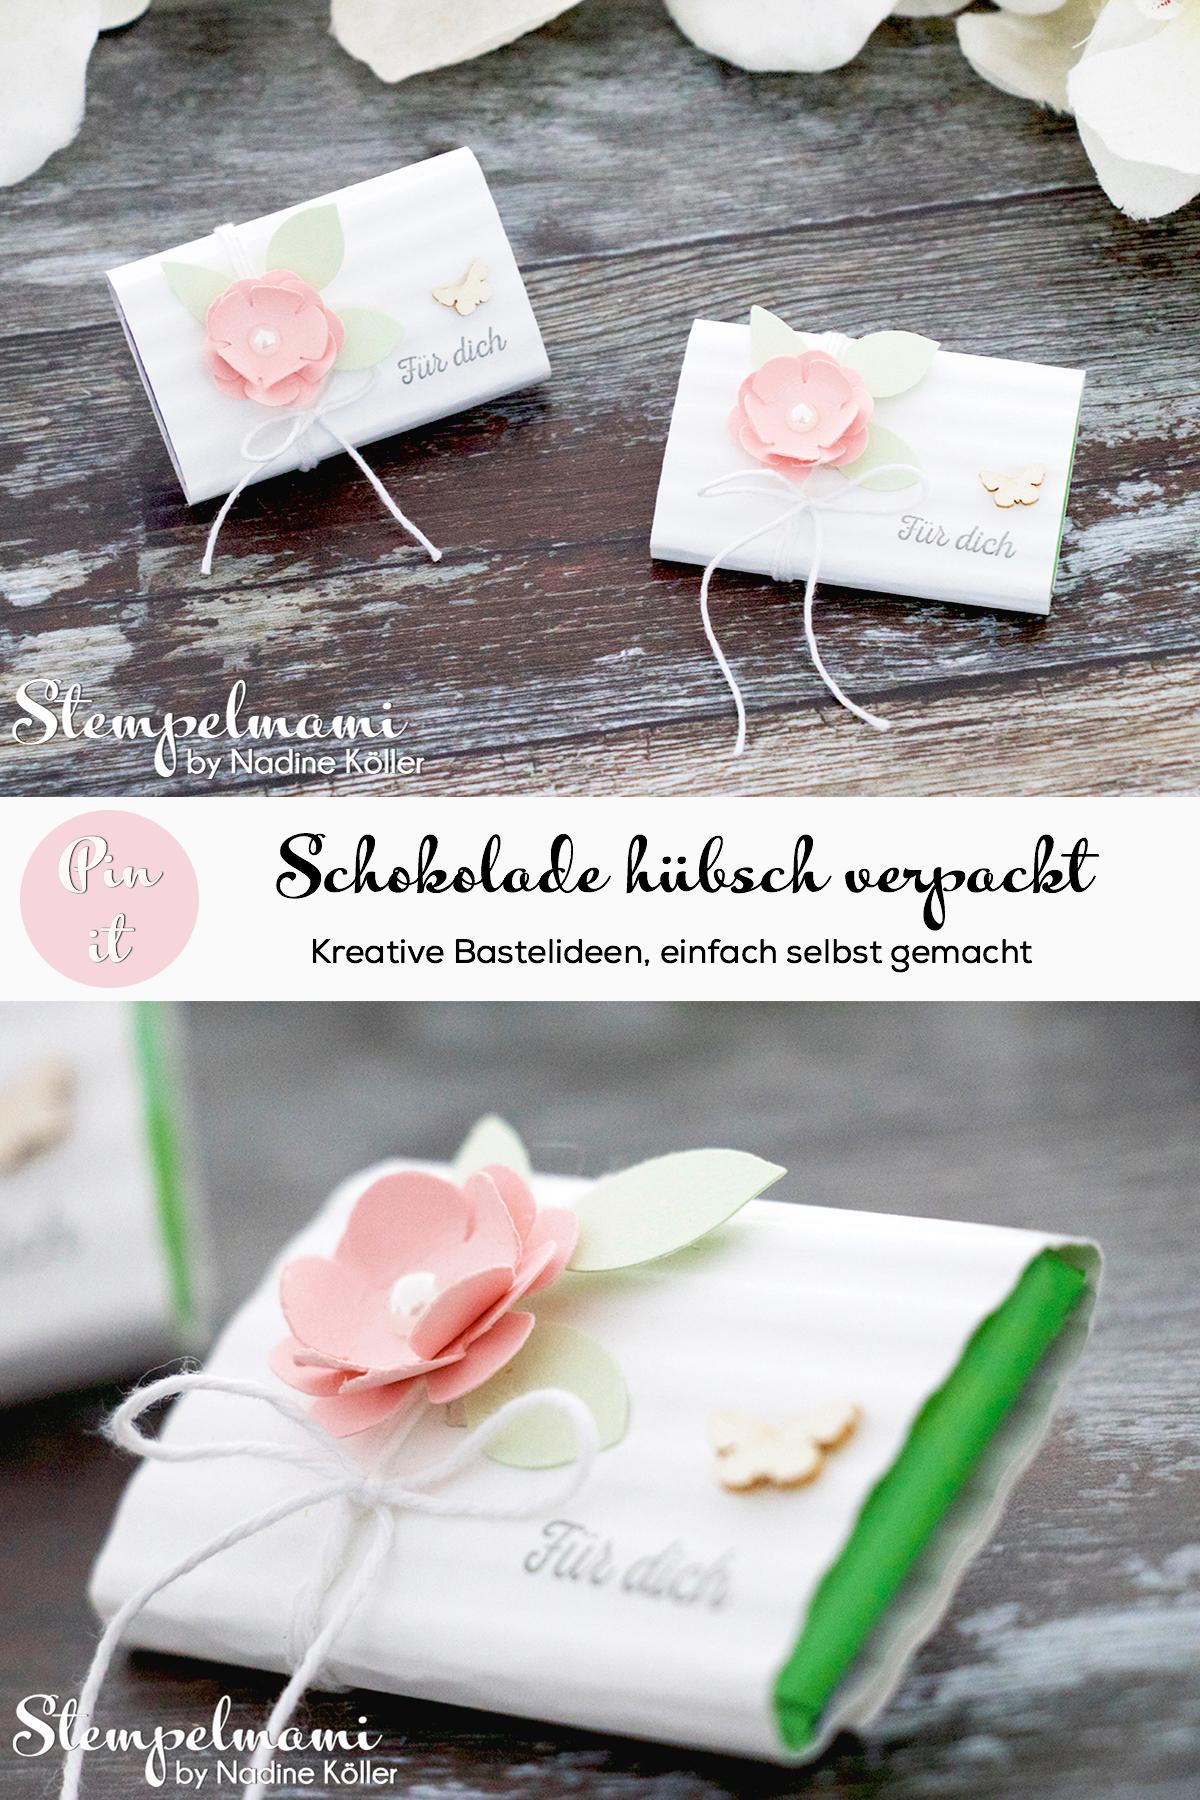 Stampin Up Goodie Fuer Dich Schokoladenverpackung Huebsch verpackt Stempelmami Pinterest